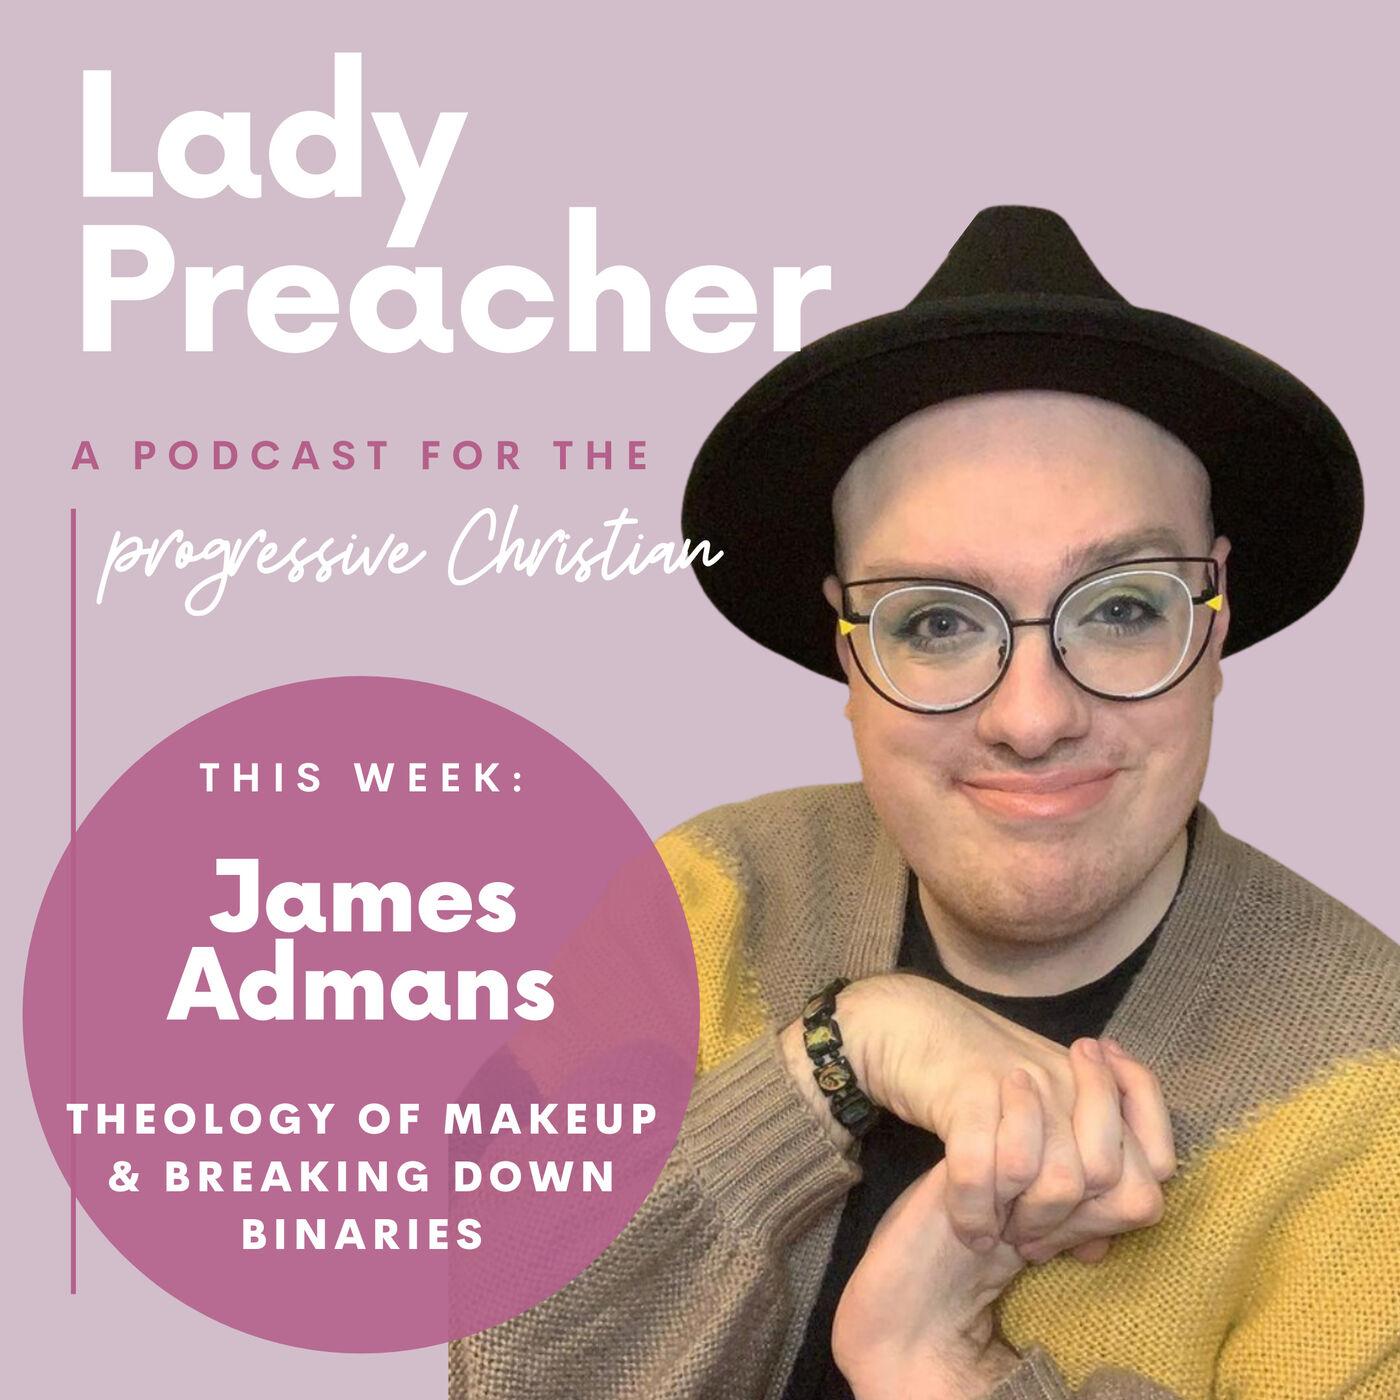 James Admans: Theology Of Makeup & Breaking Down Binaries